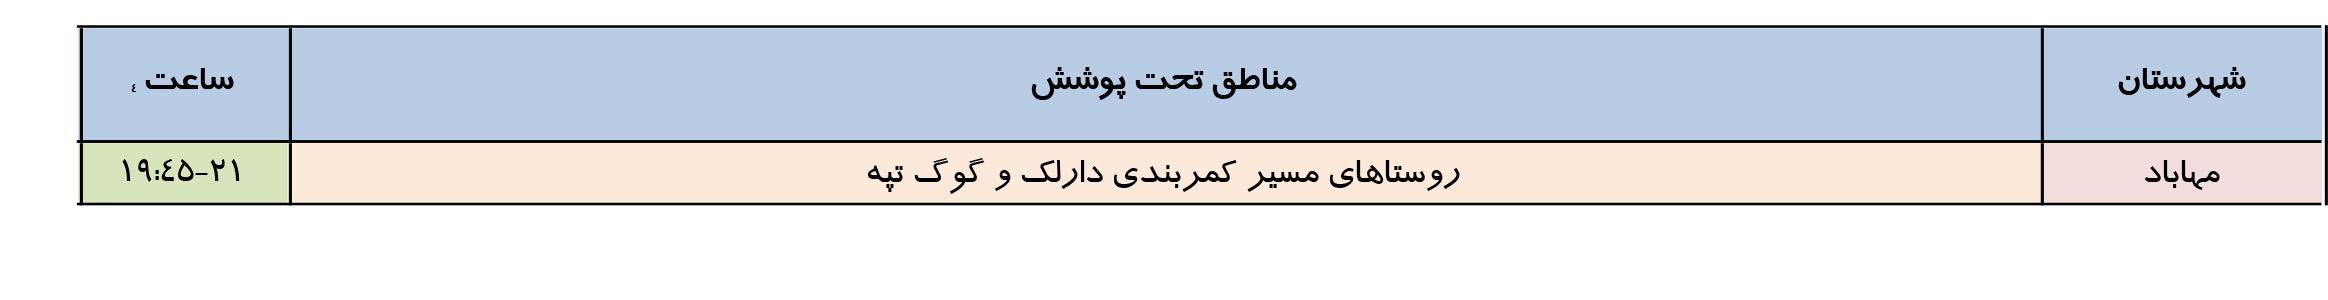 برنامه زمانبندي مدیریت اضطراري قطعی برق چهارشنبه 27 تیرماه در مهاباد